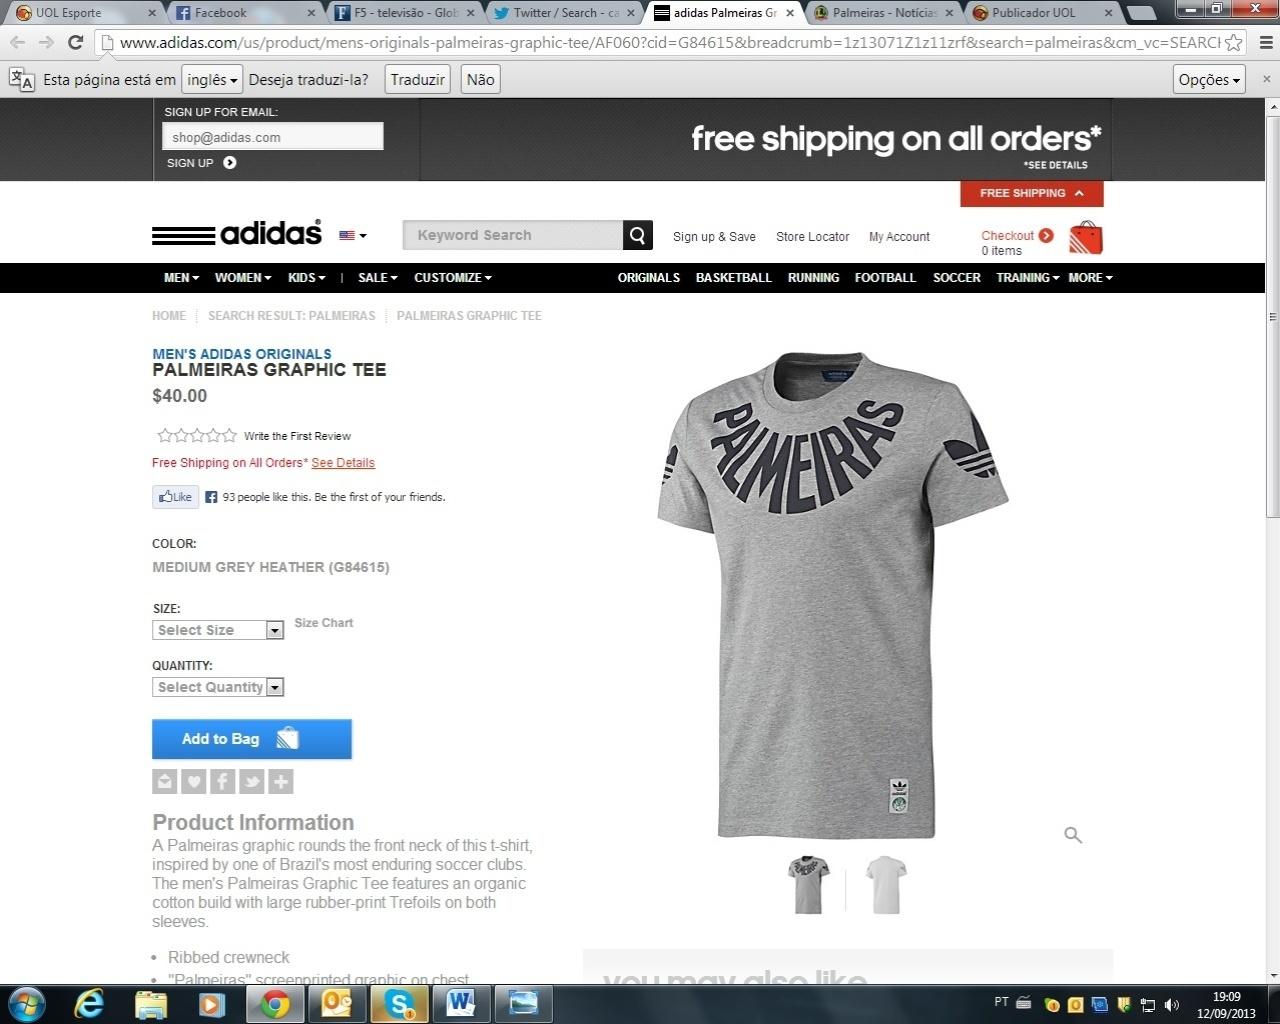 c8a928bf59438 Camisa do Palmeiras cinza vendida nos Estados Unidos causa polêmica -  12 09 2013 - UOL Esporte